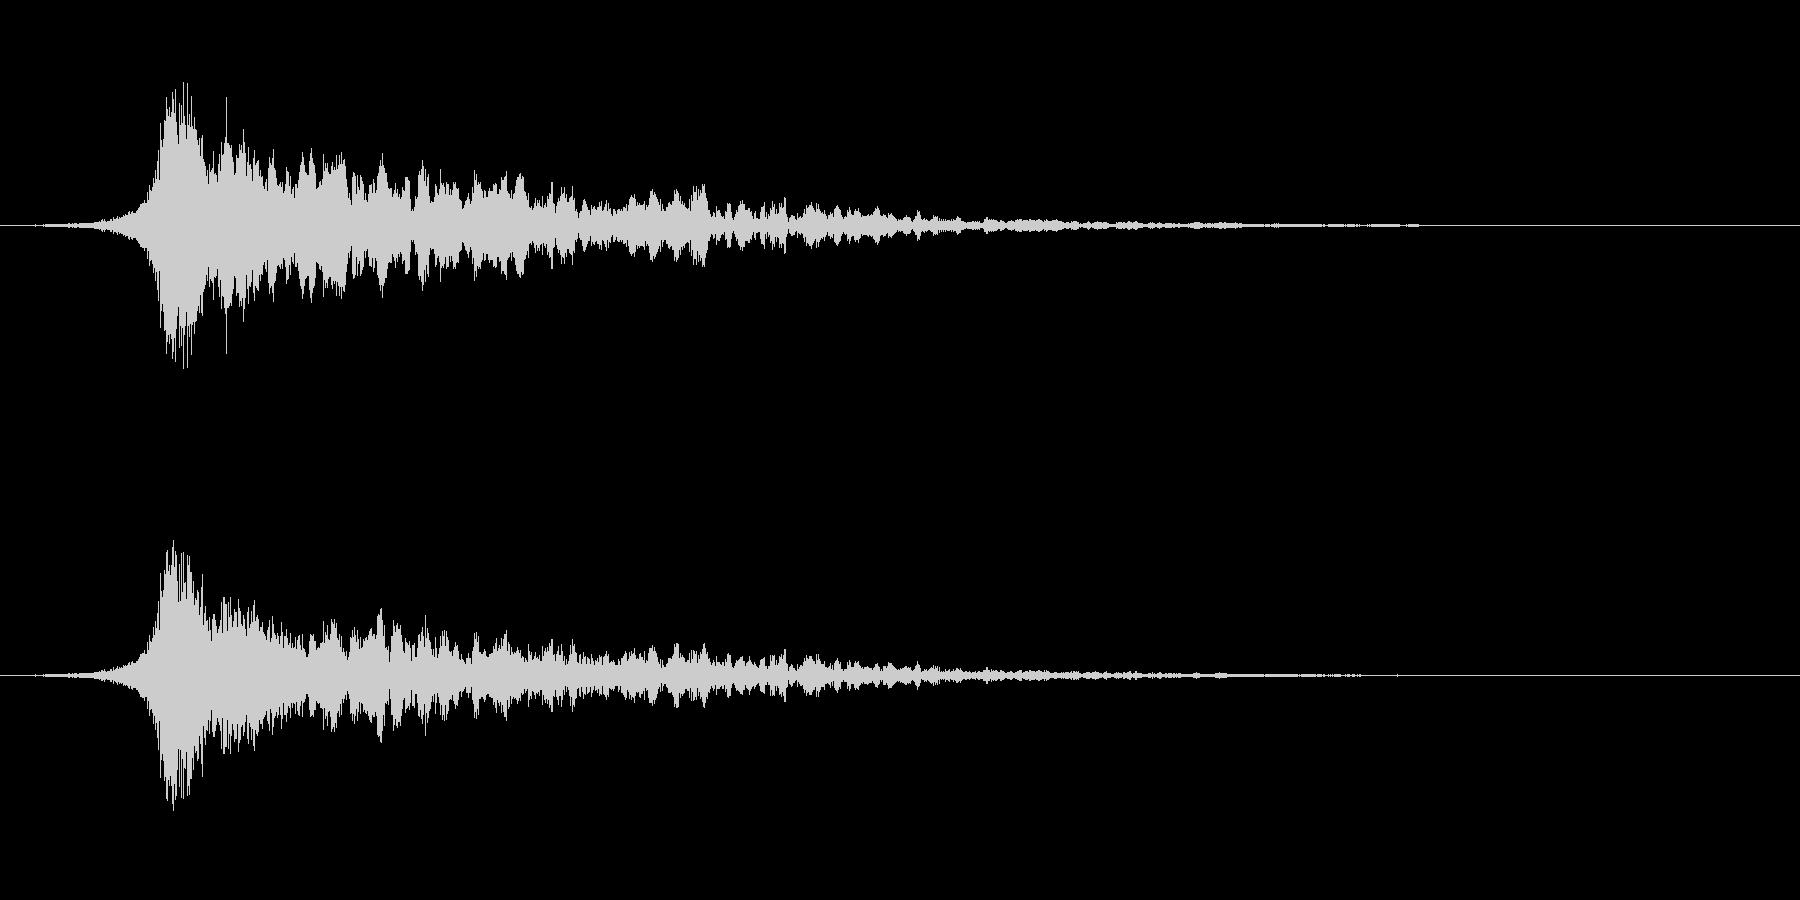 ミッション、クエスト成功などの効果音の未再生の波形